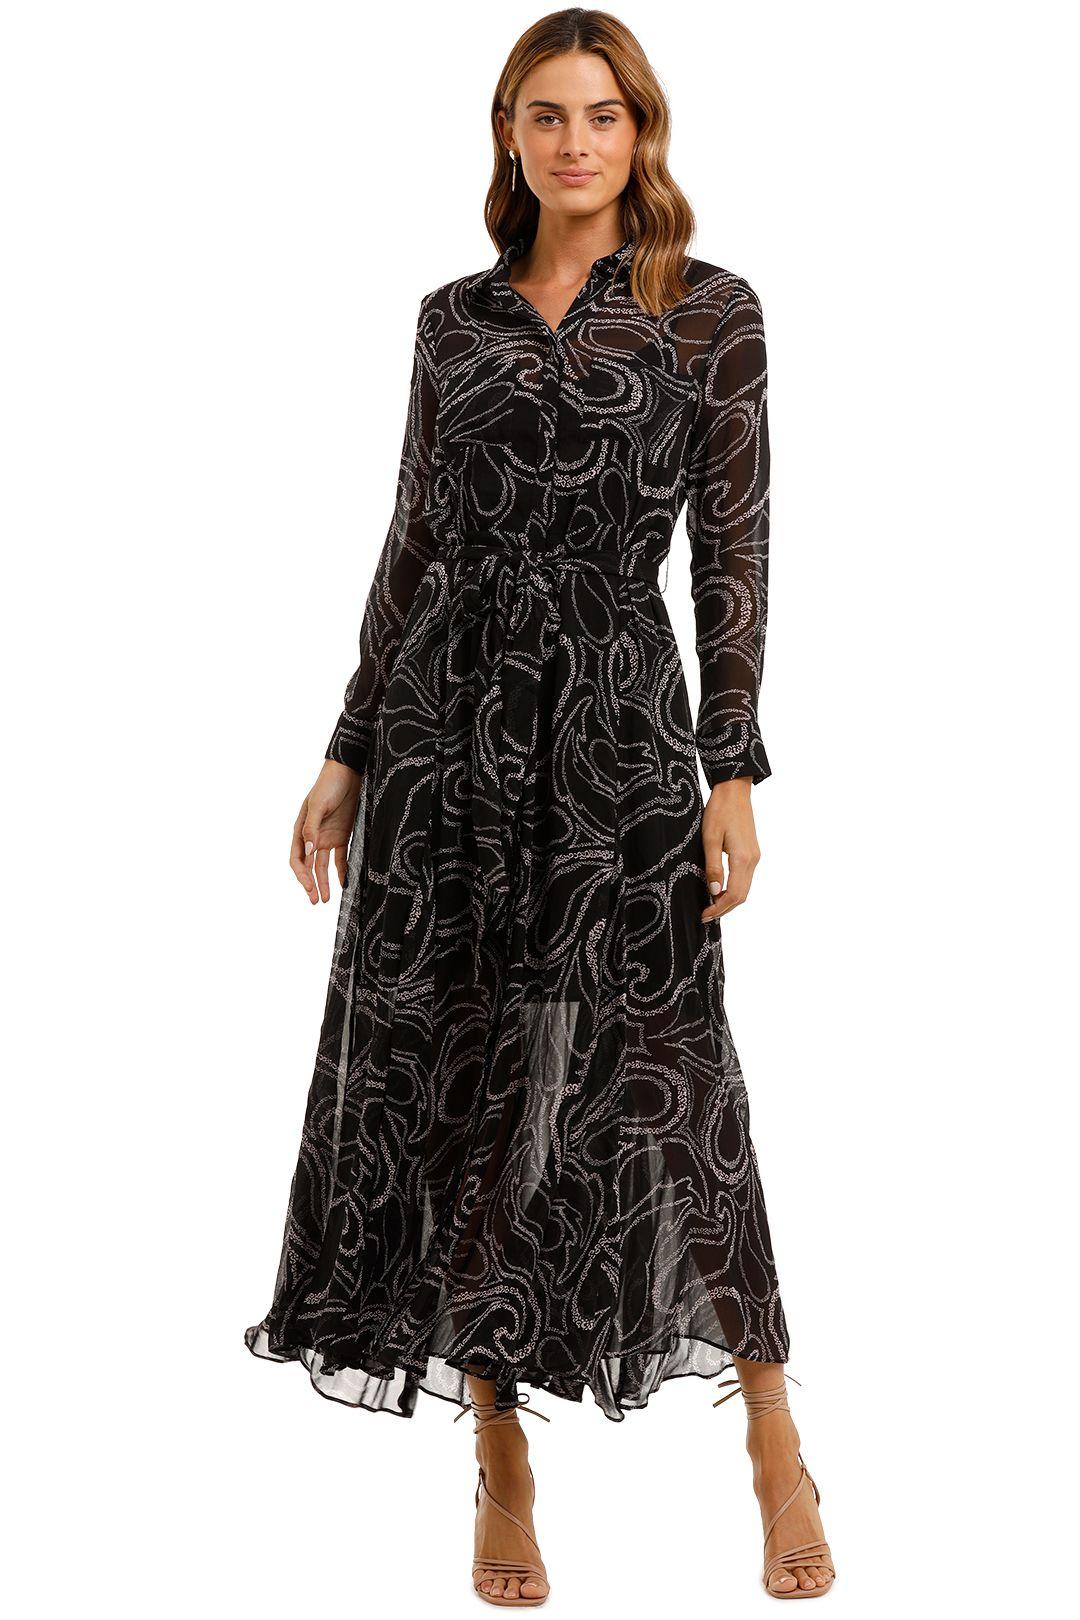 Husk Estate Dress Midi